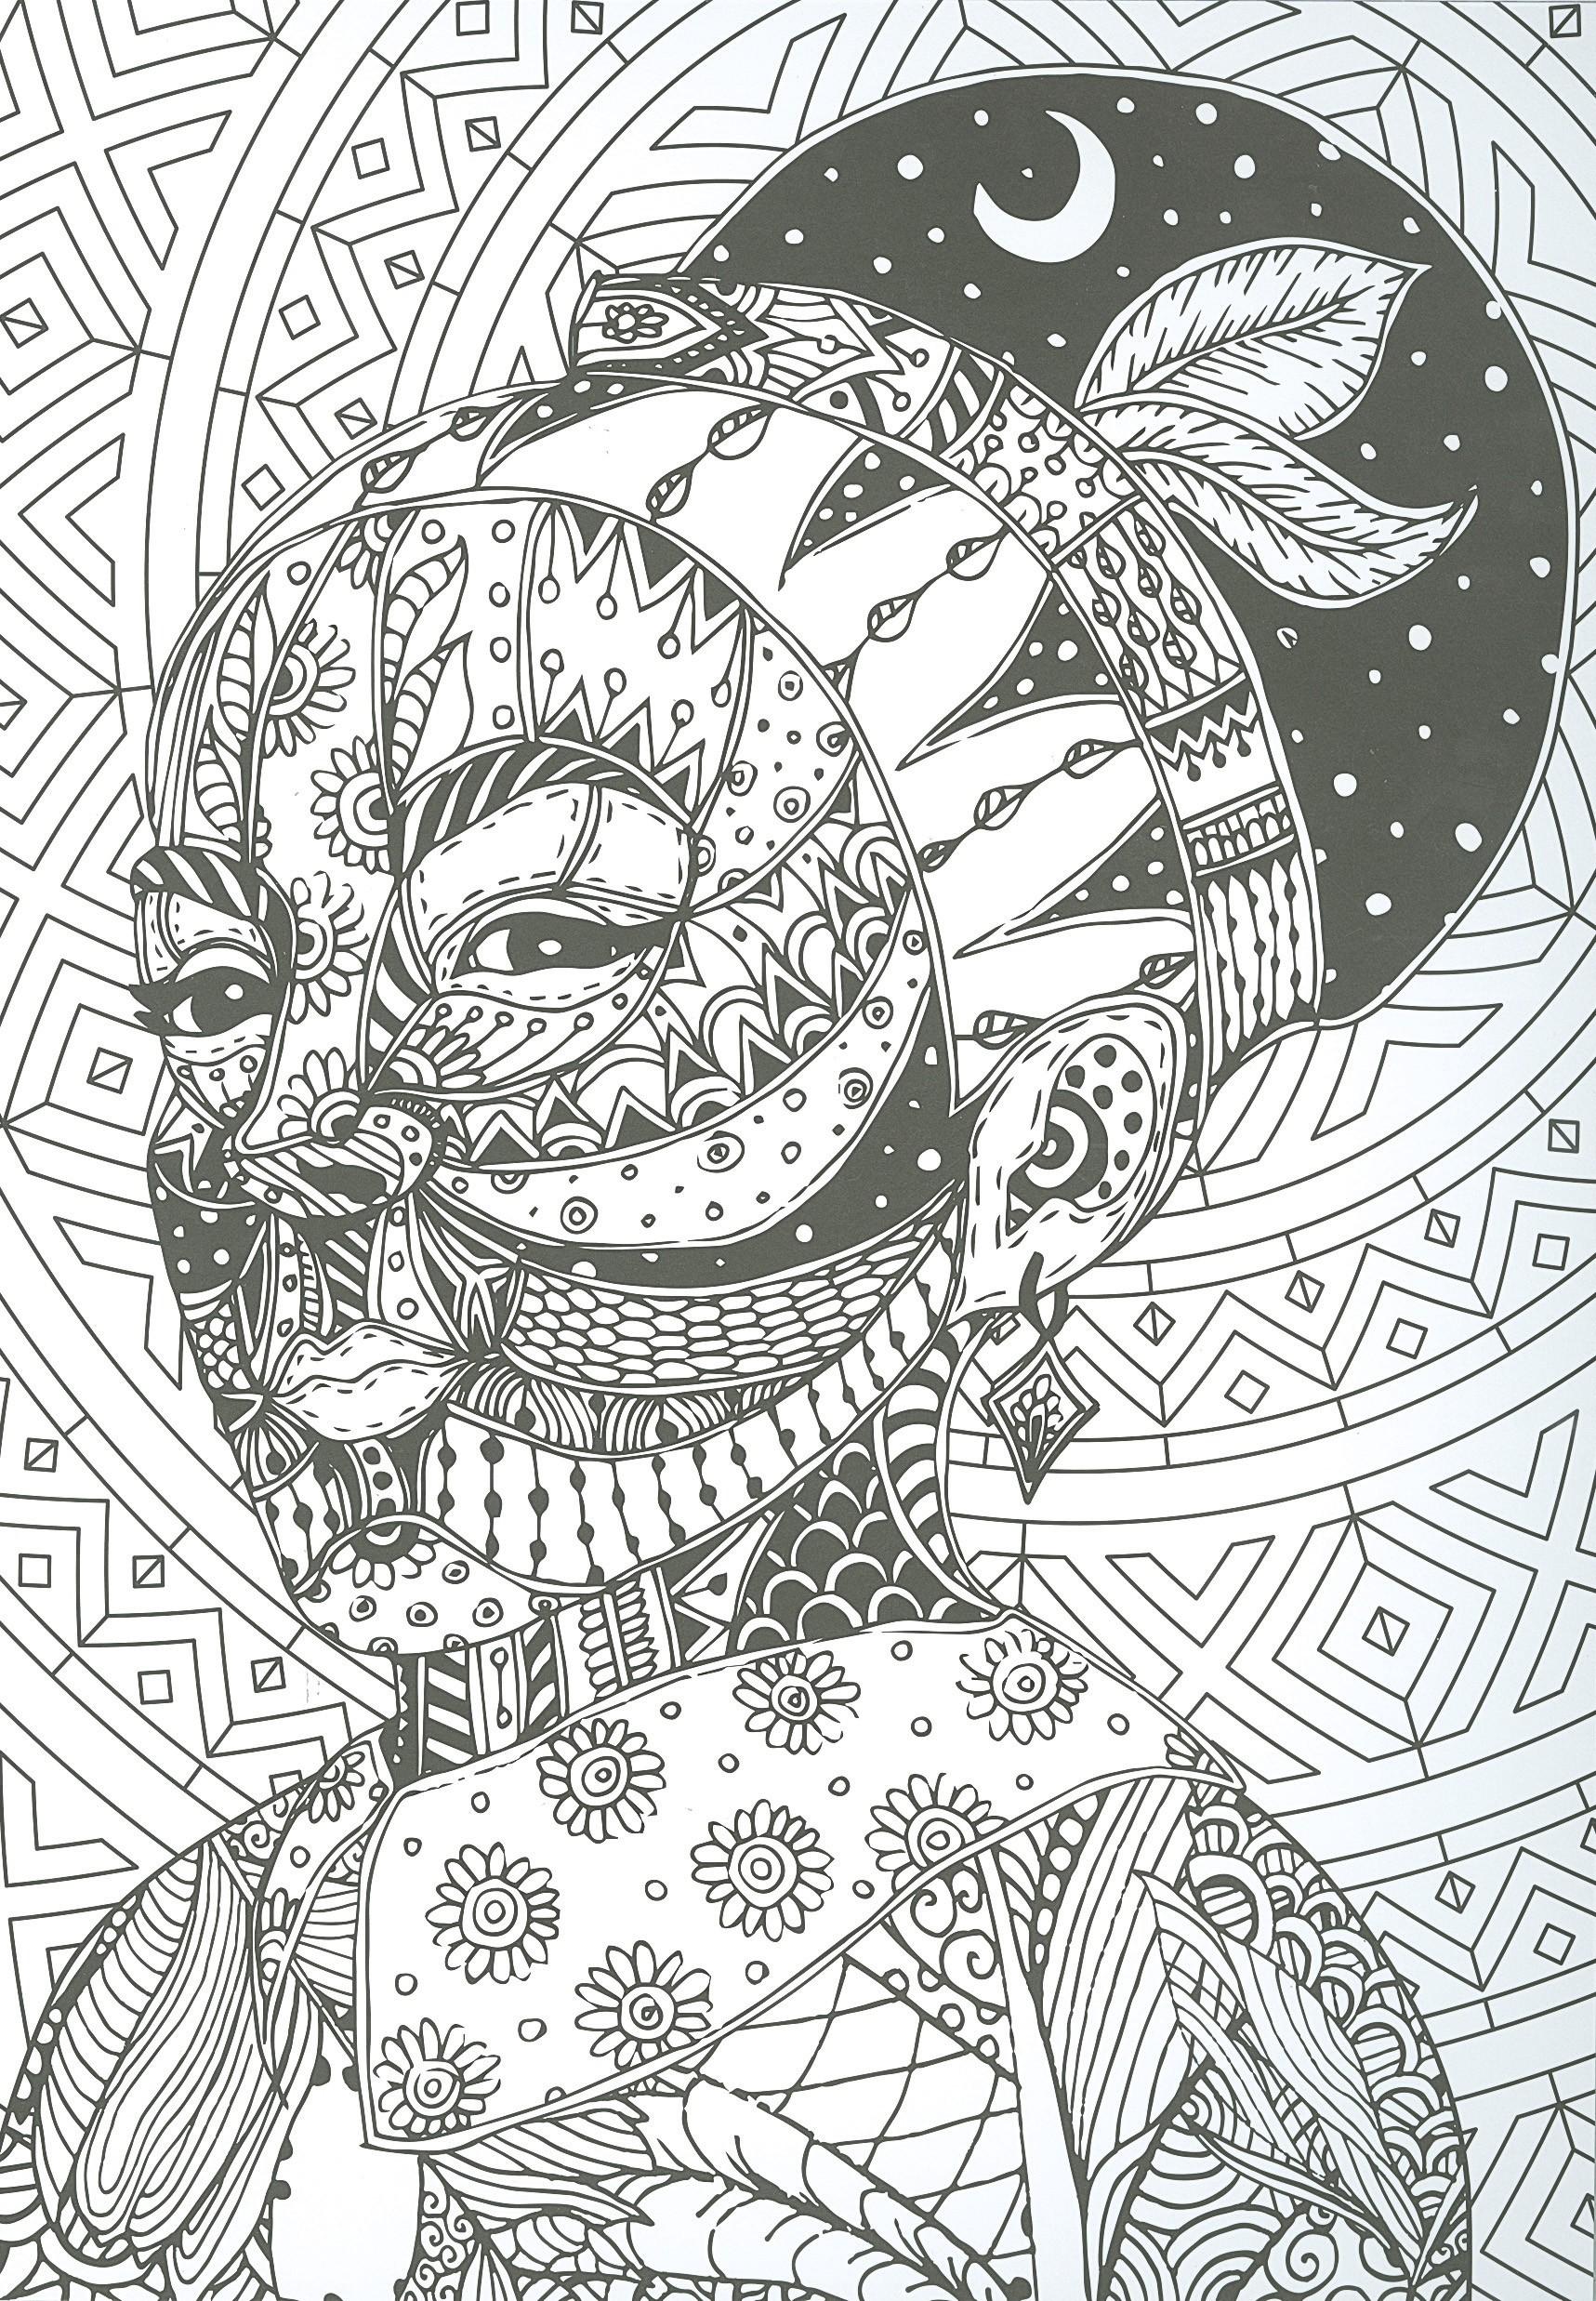 Láminas de arte africano para colorear | Editorial Susaeta